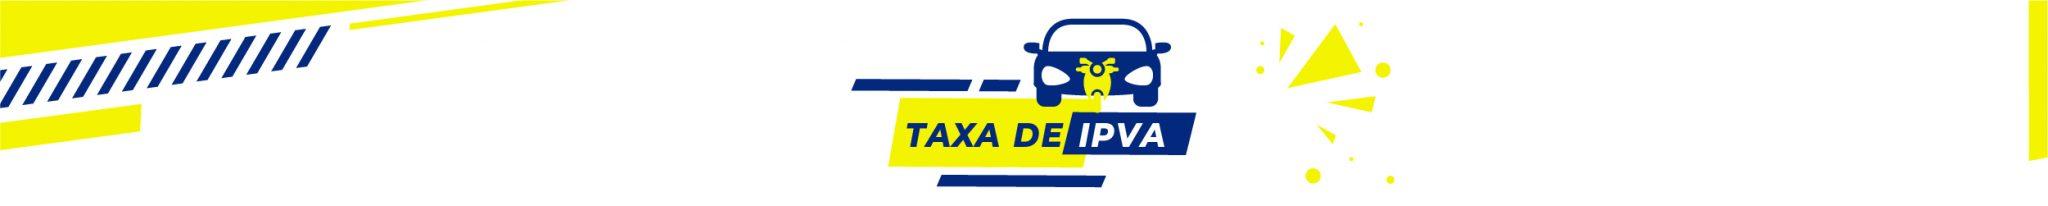 Taxa de IPVA